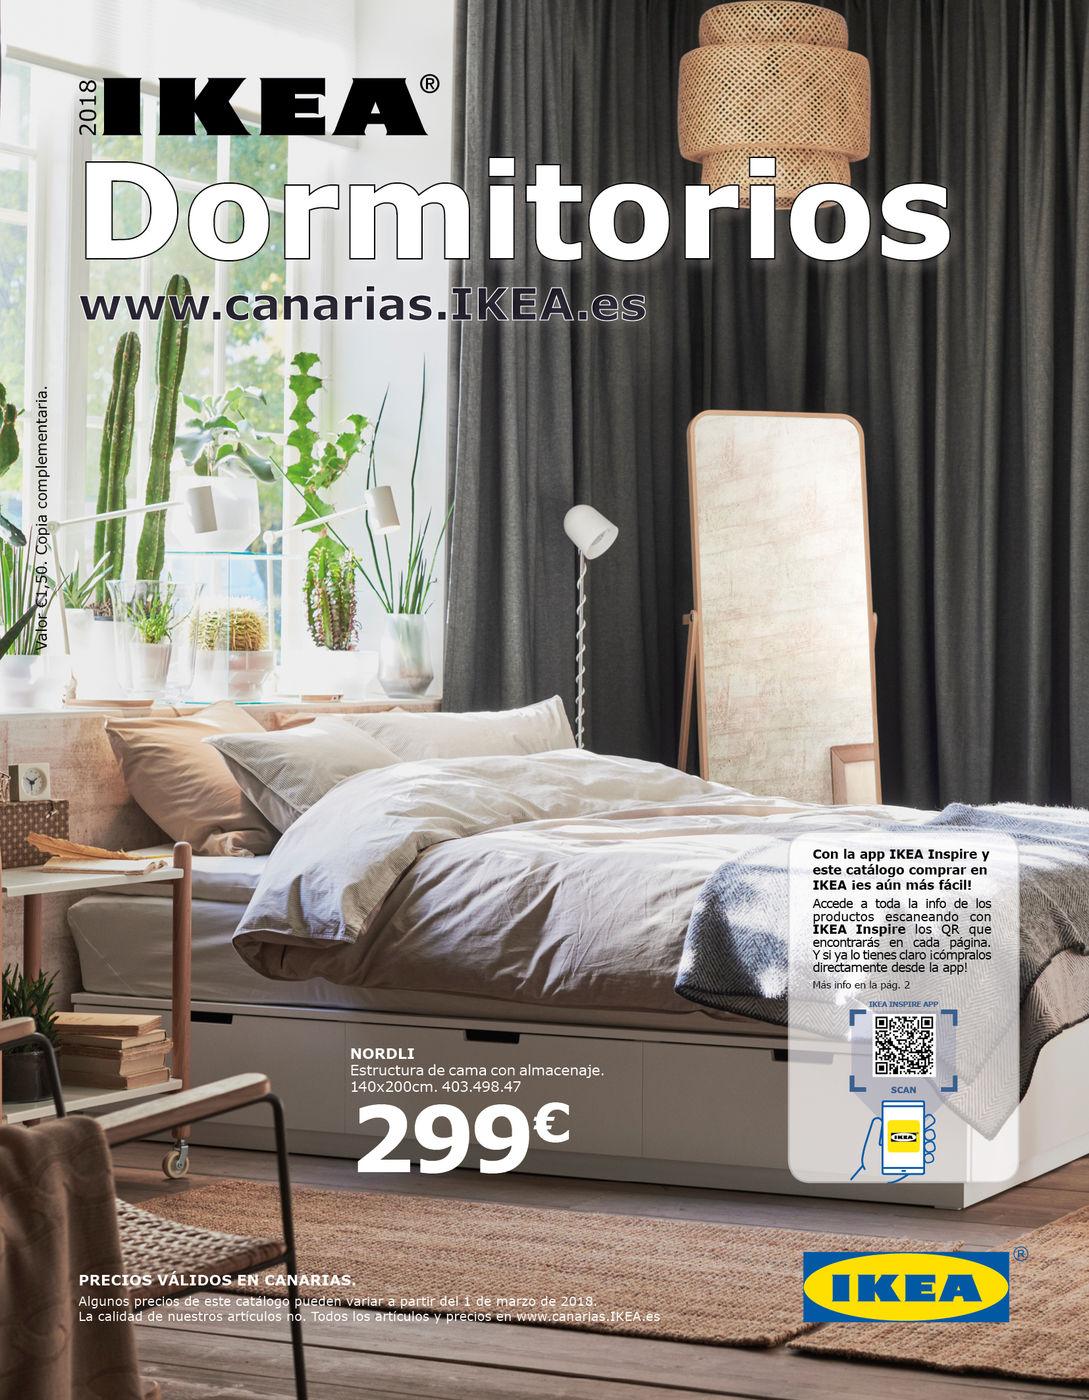 Catalogo Dormitorios 2018 Can - Ikea-dormitorios-catalogo